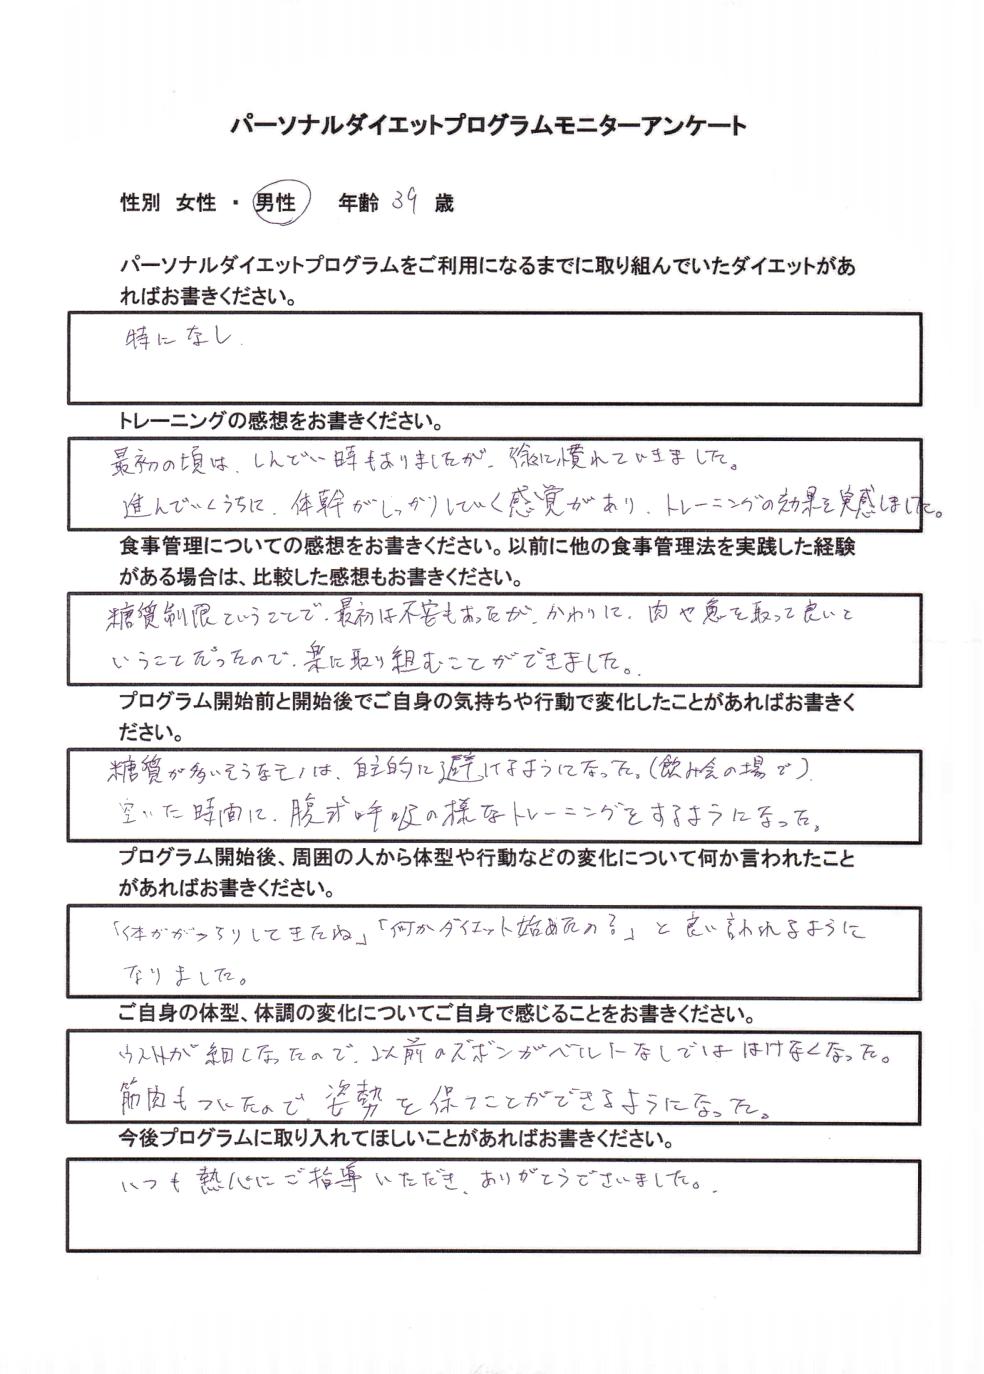 【パーソナルダイエットプログラム】